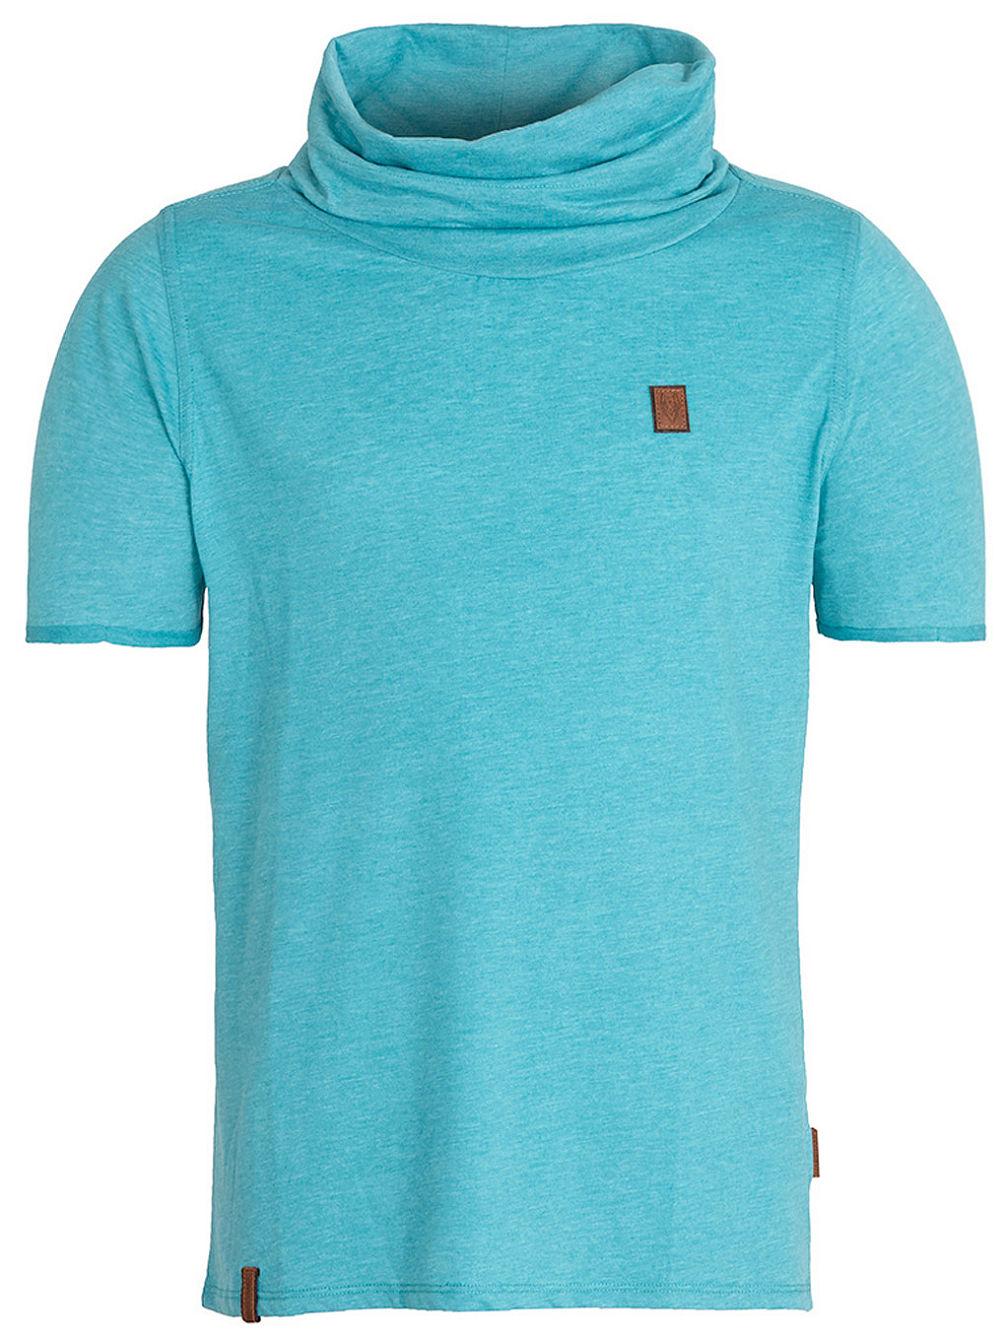 naketano glatze ohne m tze t shirt online kaufen bei blue. Black Bedroom Furniture Sets. Home Design Ideas